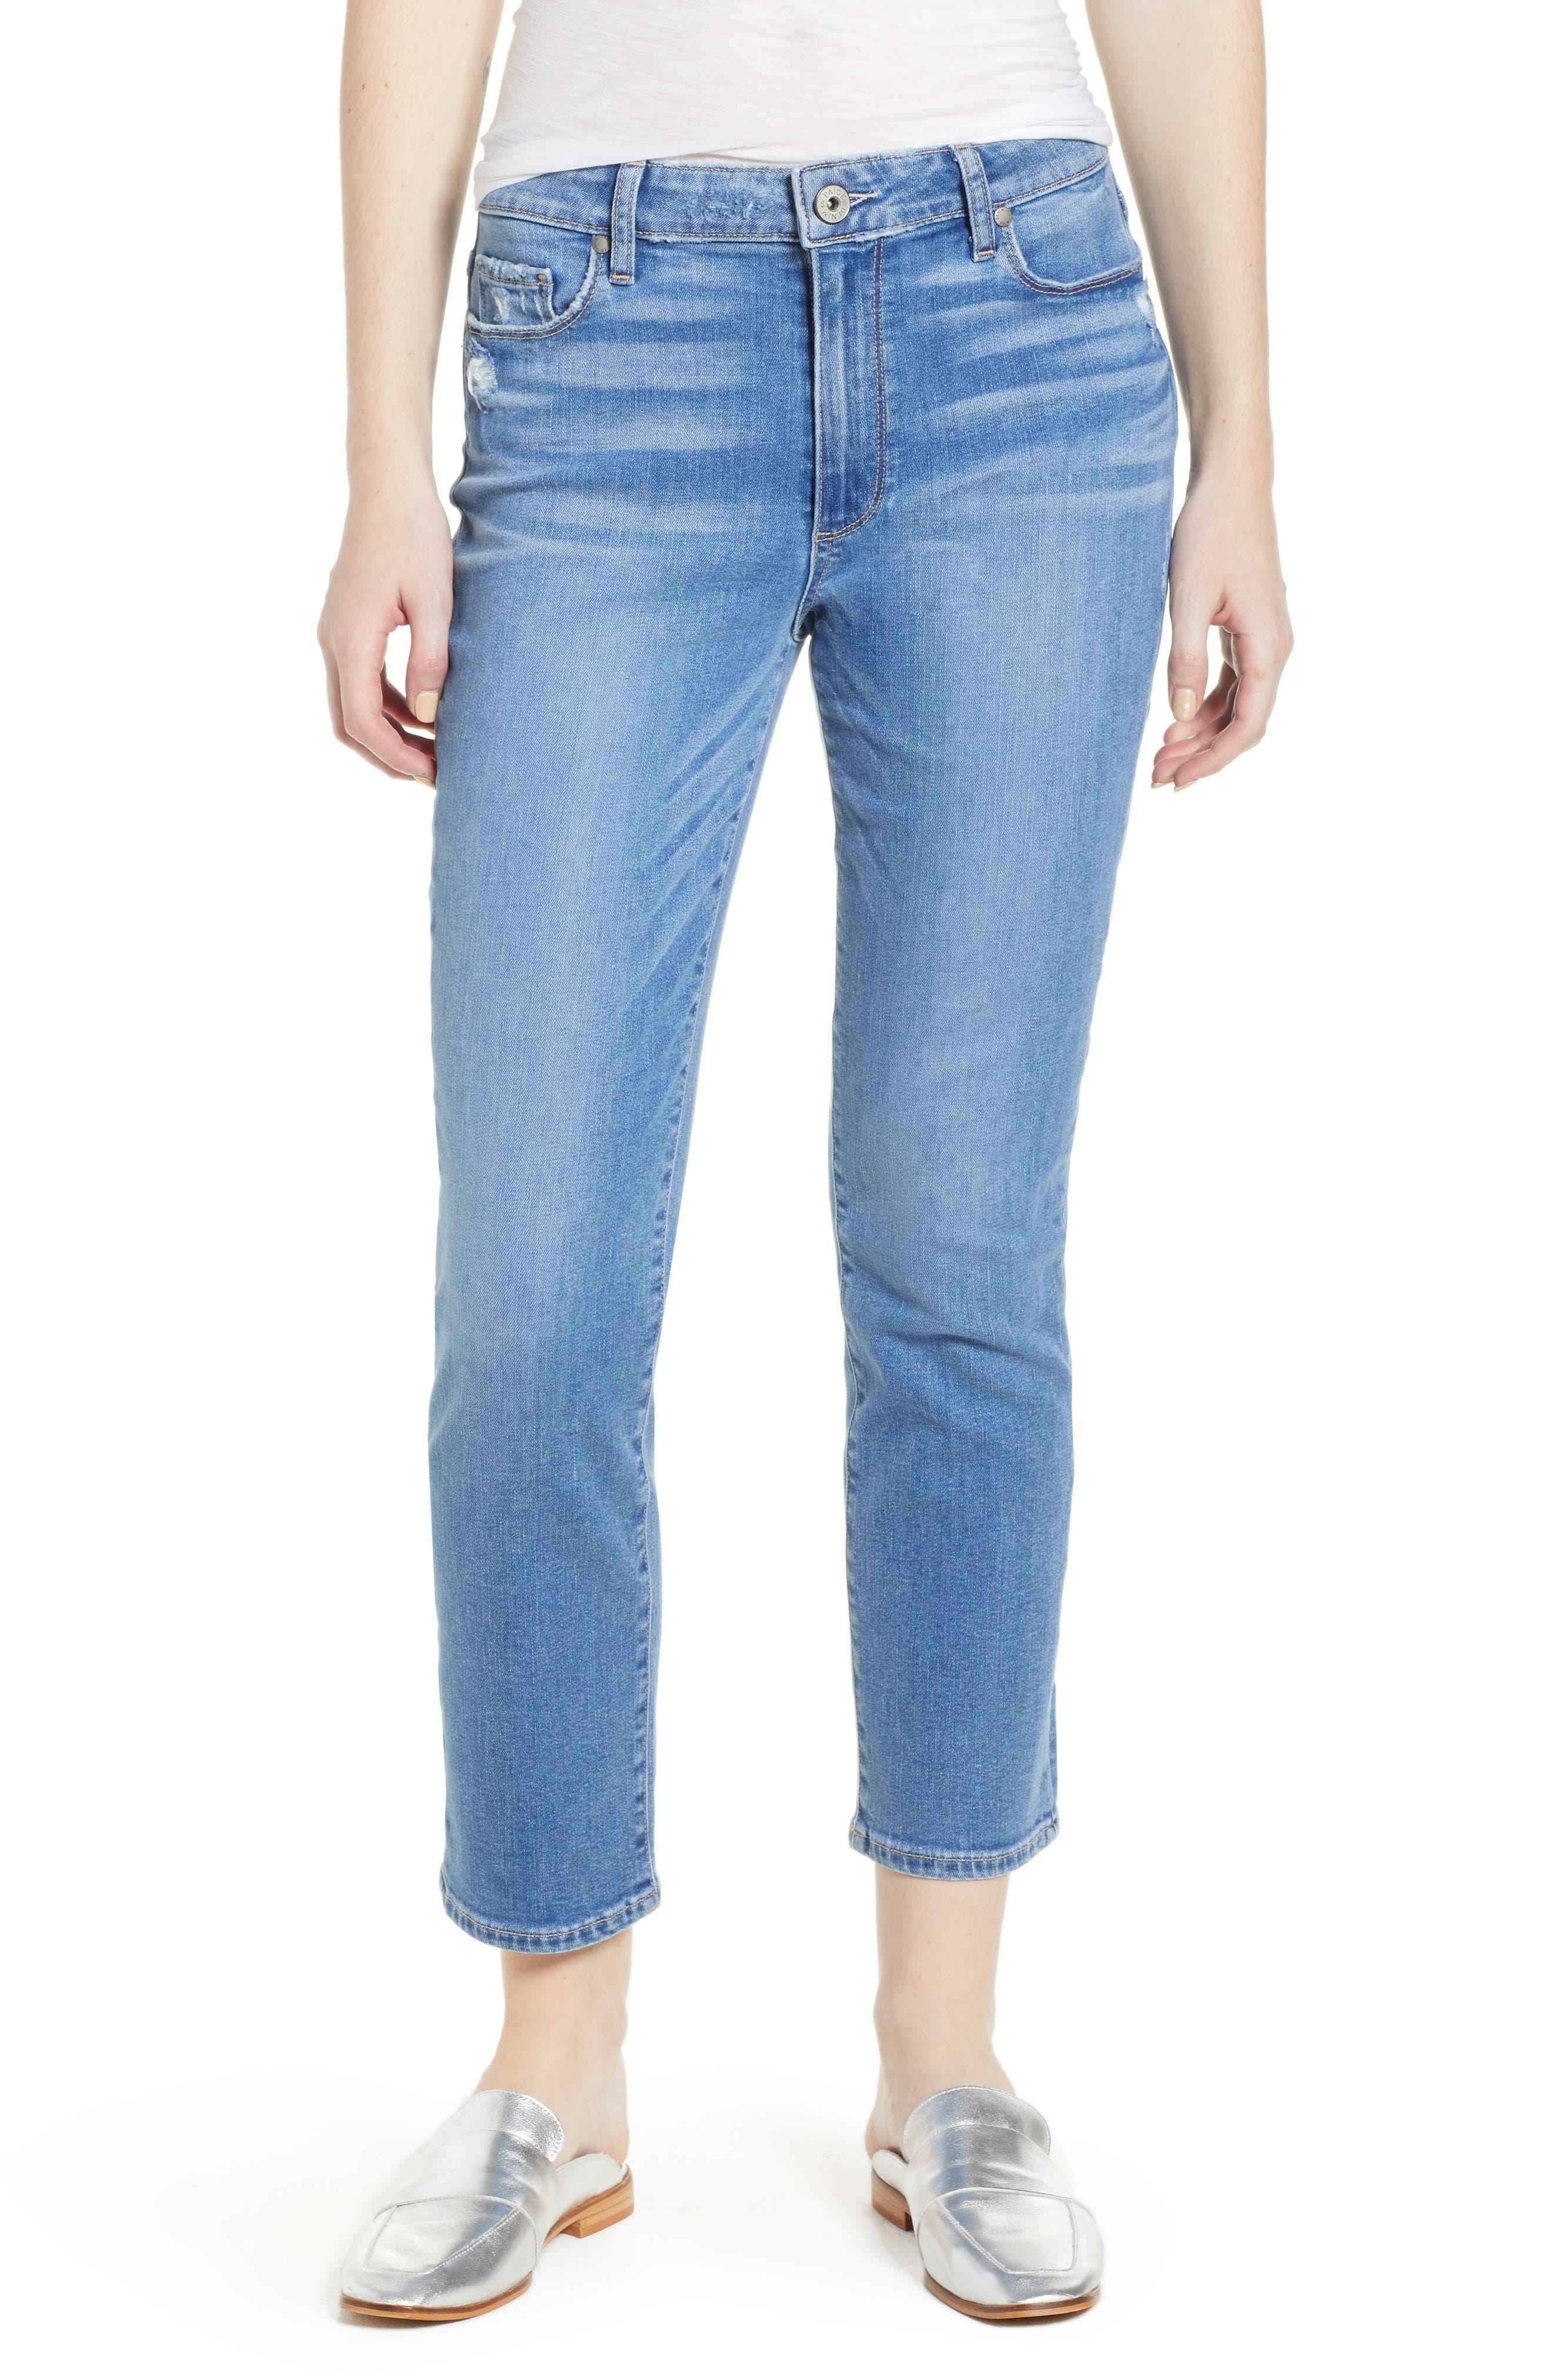 Transcend Vintage - Jimmy Jimmy High Waist Crop Boyfriend Jeans,                         Main,                         color, VINTAGE VENICE